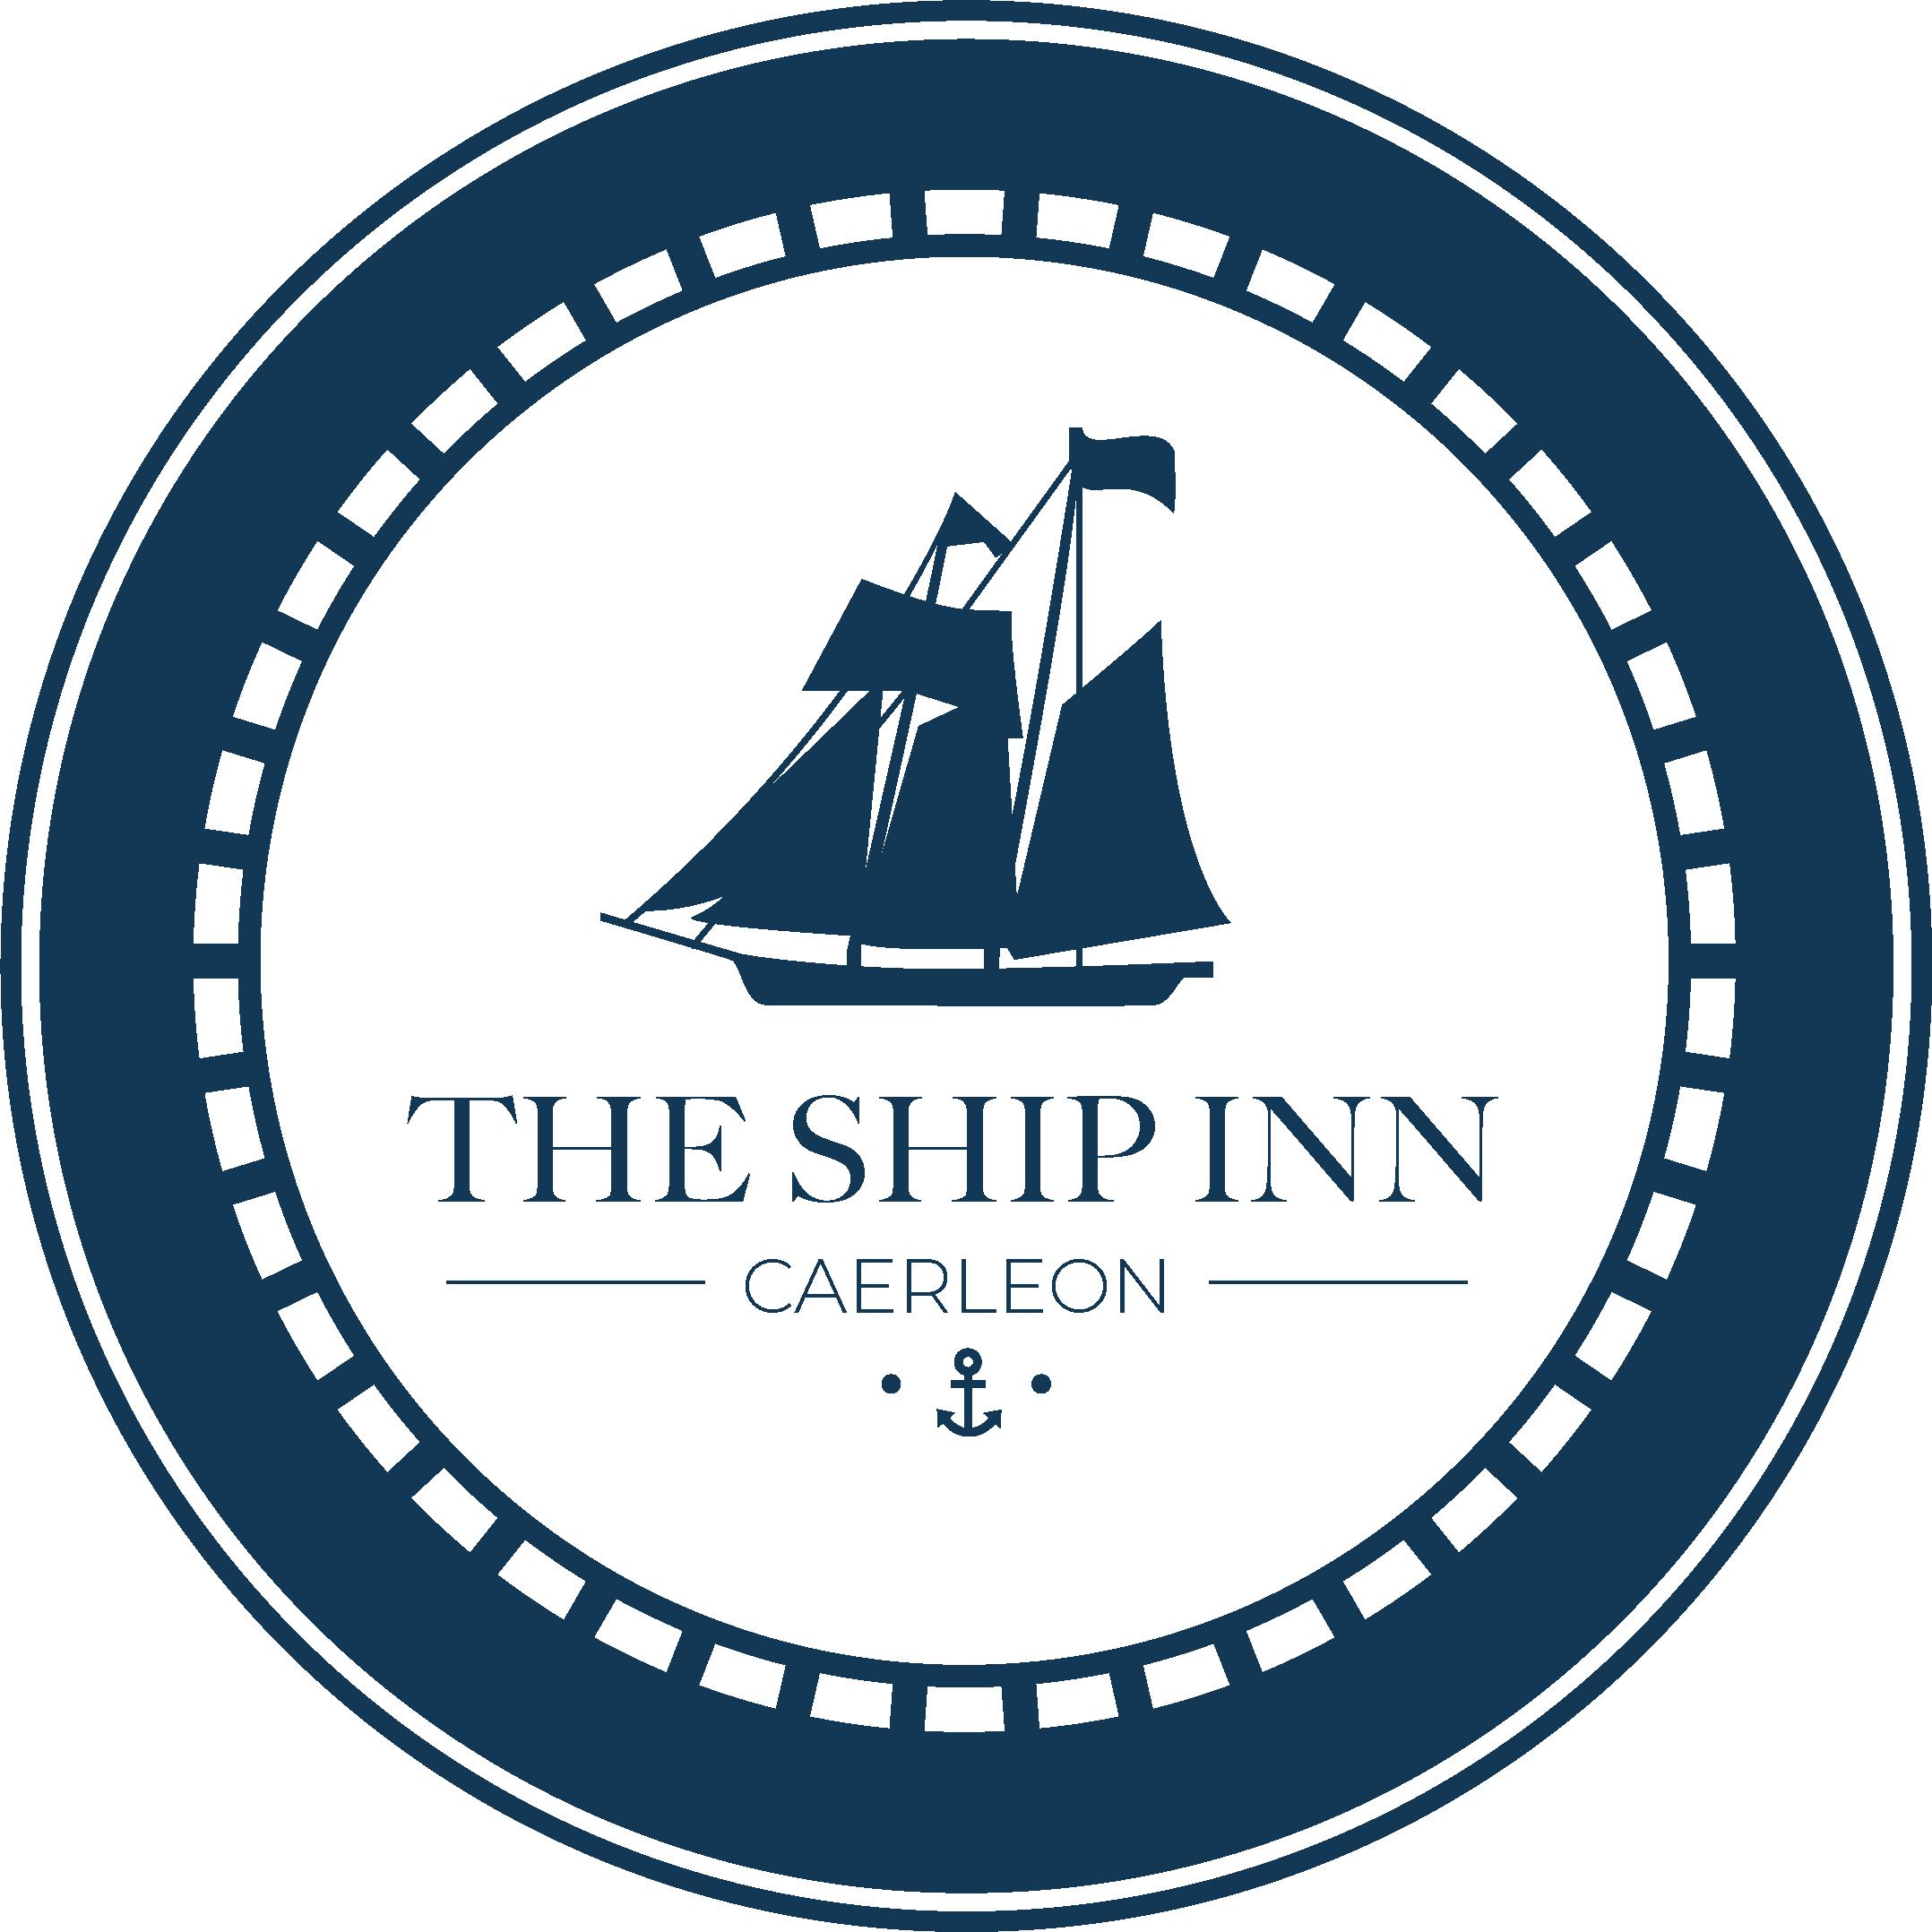 The ship in final logo